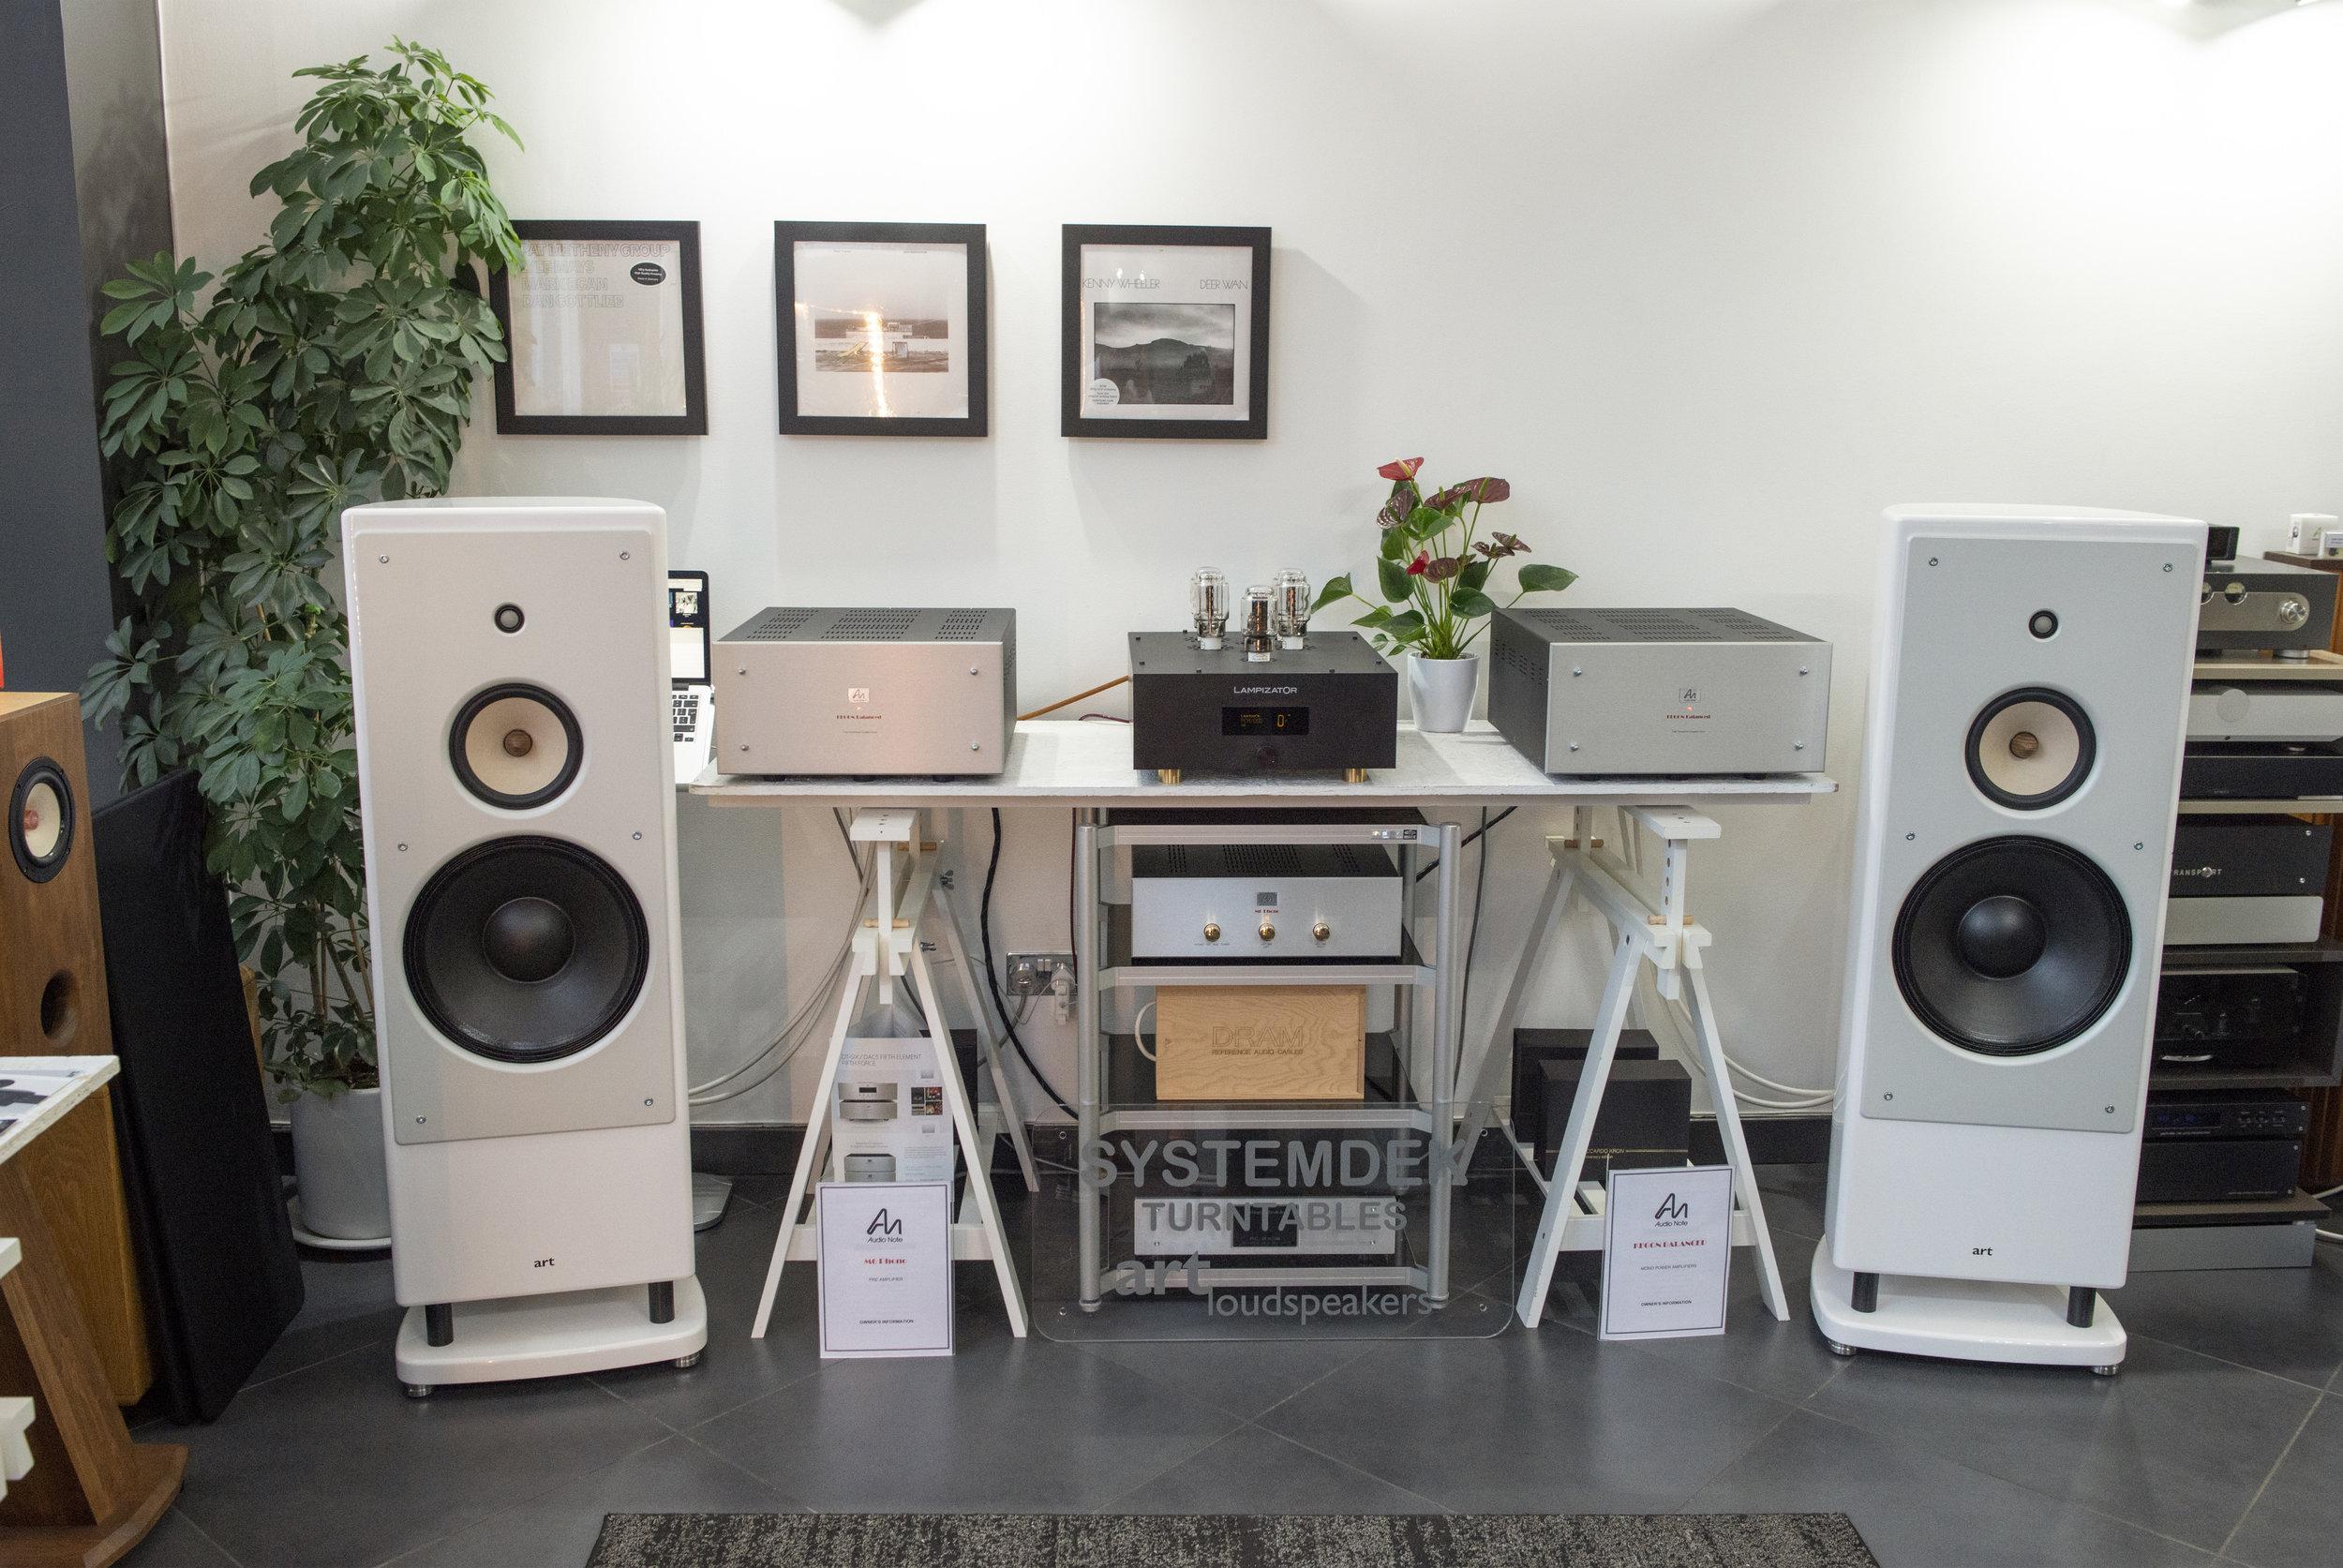 ART at Audiophilia Retailer, Scotland